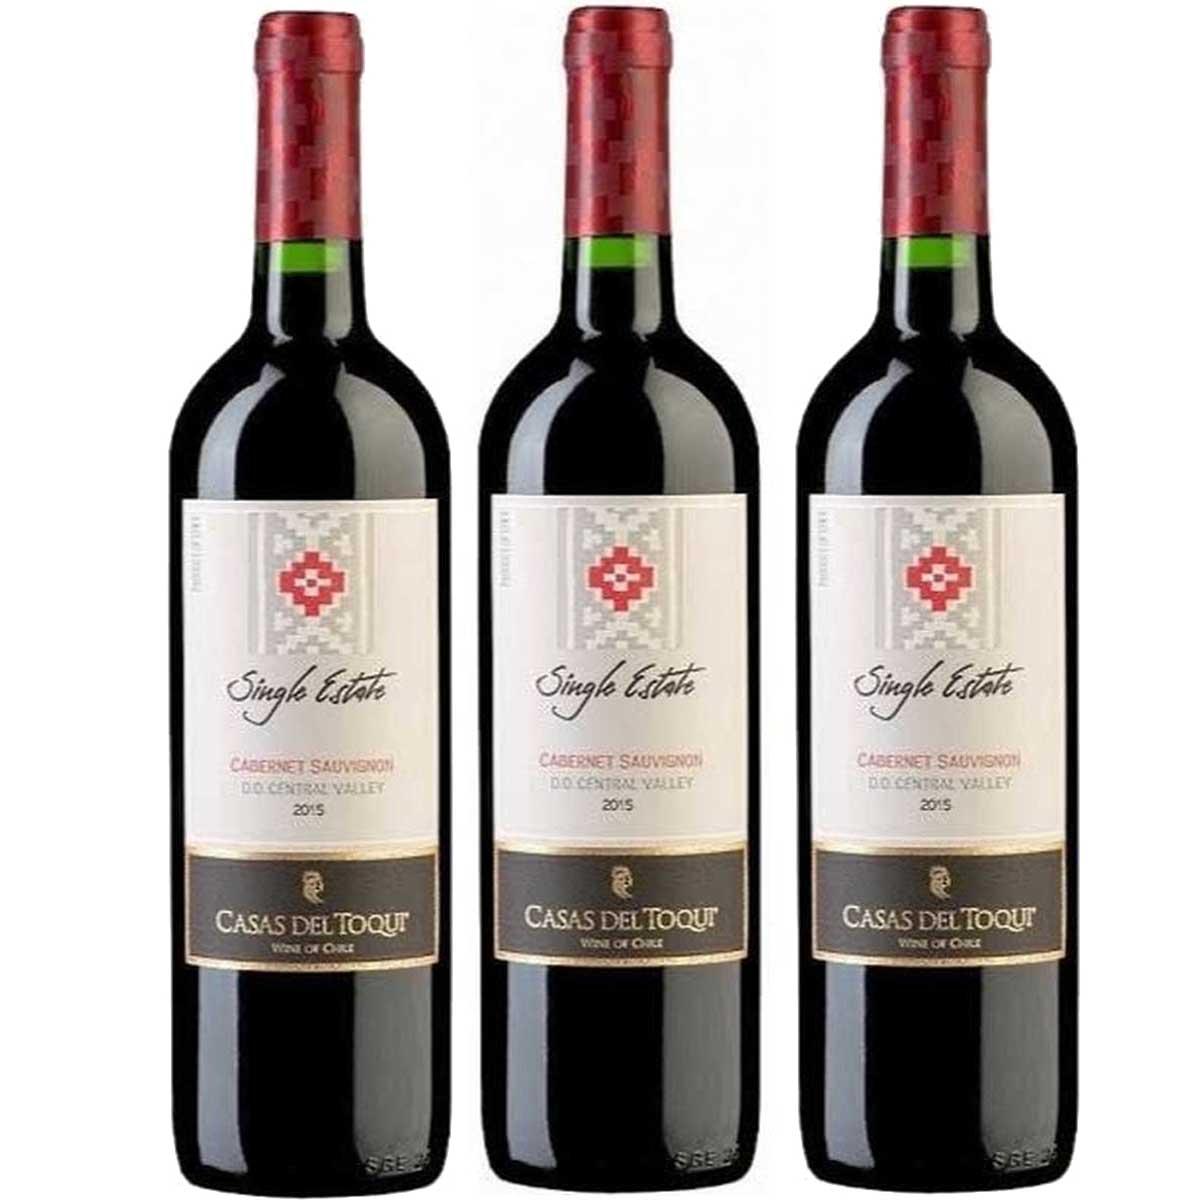 Cj 3 Vinho Tinto Chileno Casas Toqui Cabernet Sauvignon 2019